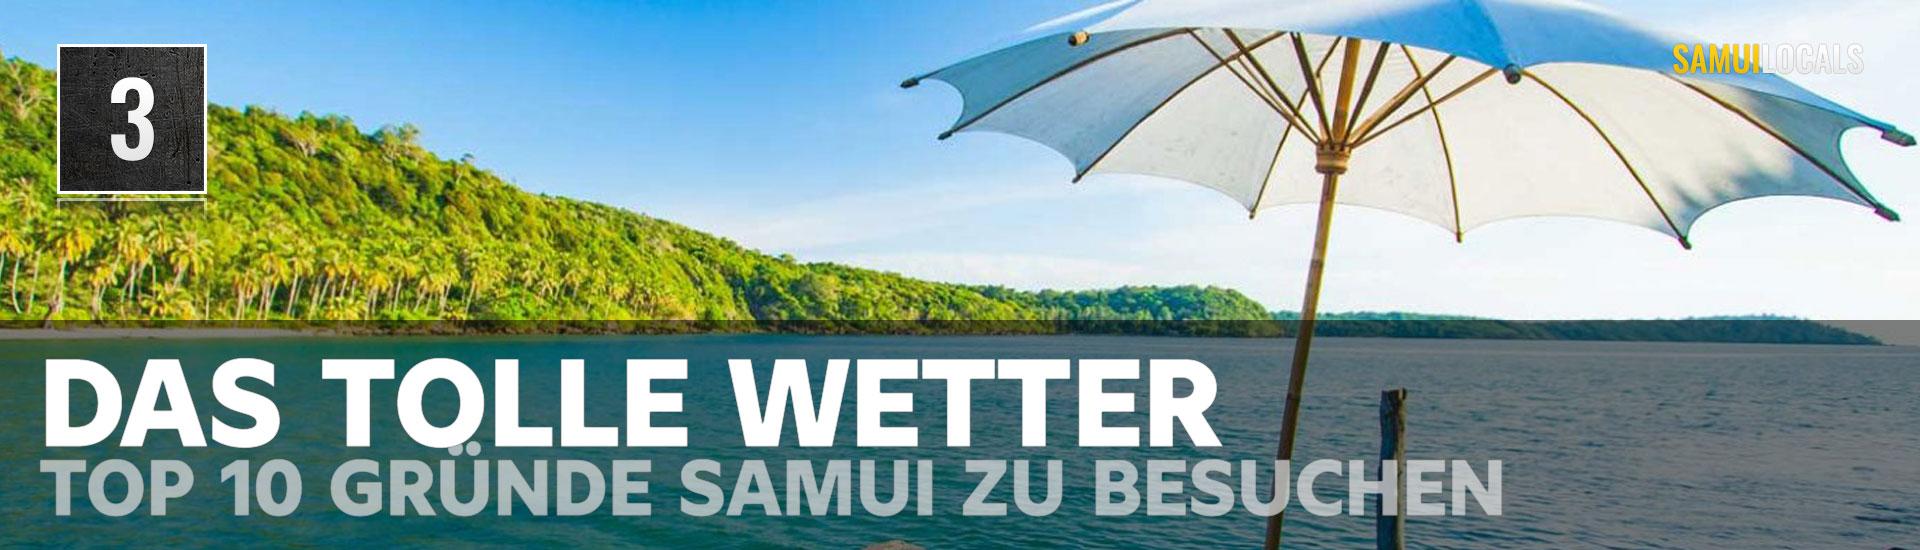 top_10_gruende_samui_zu_besuchen_das_tolle_wetter